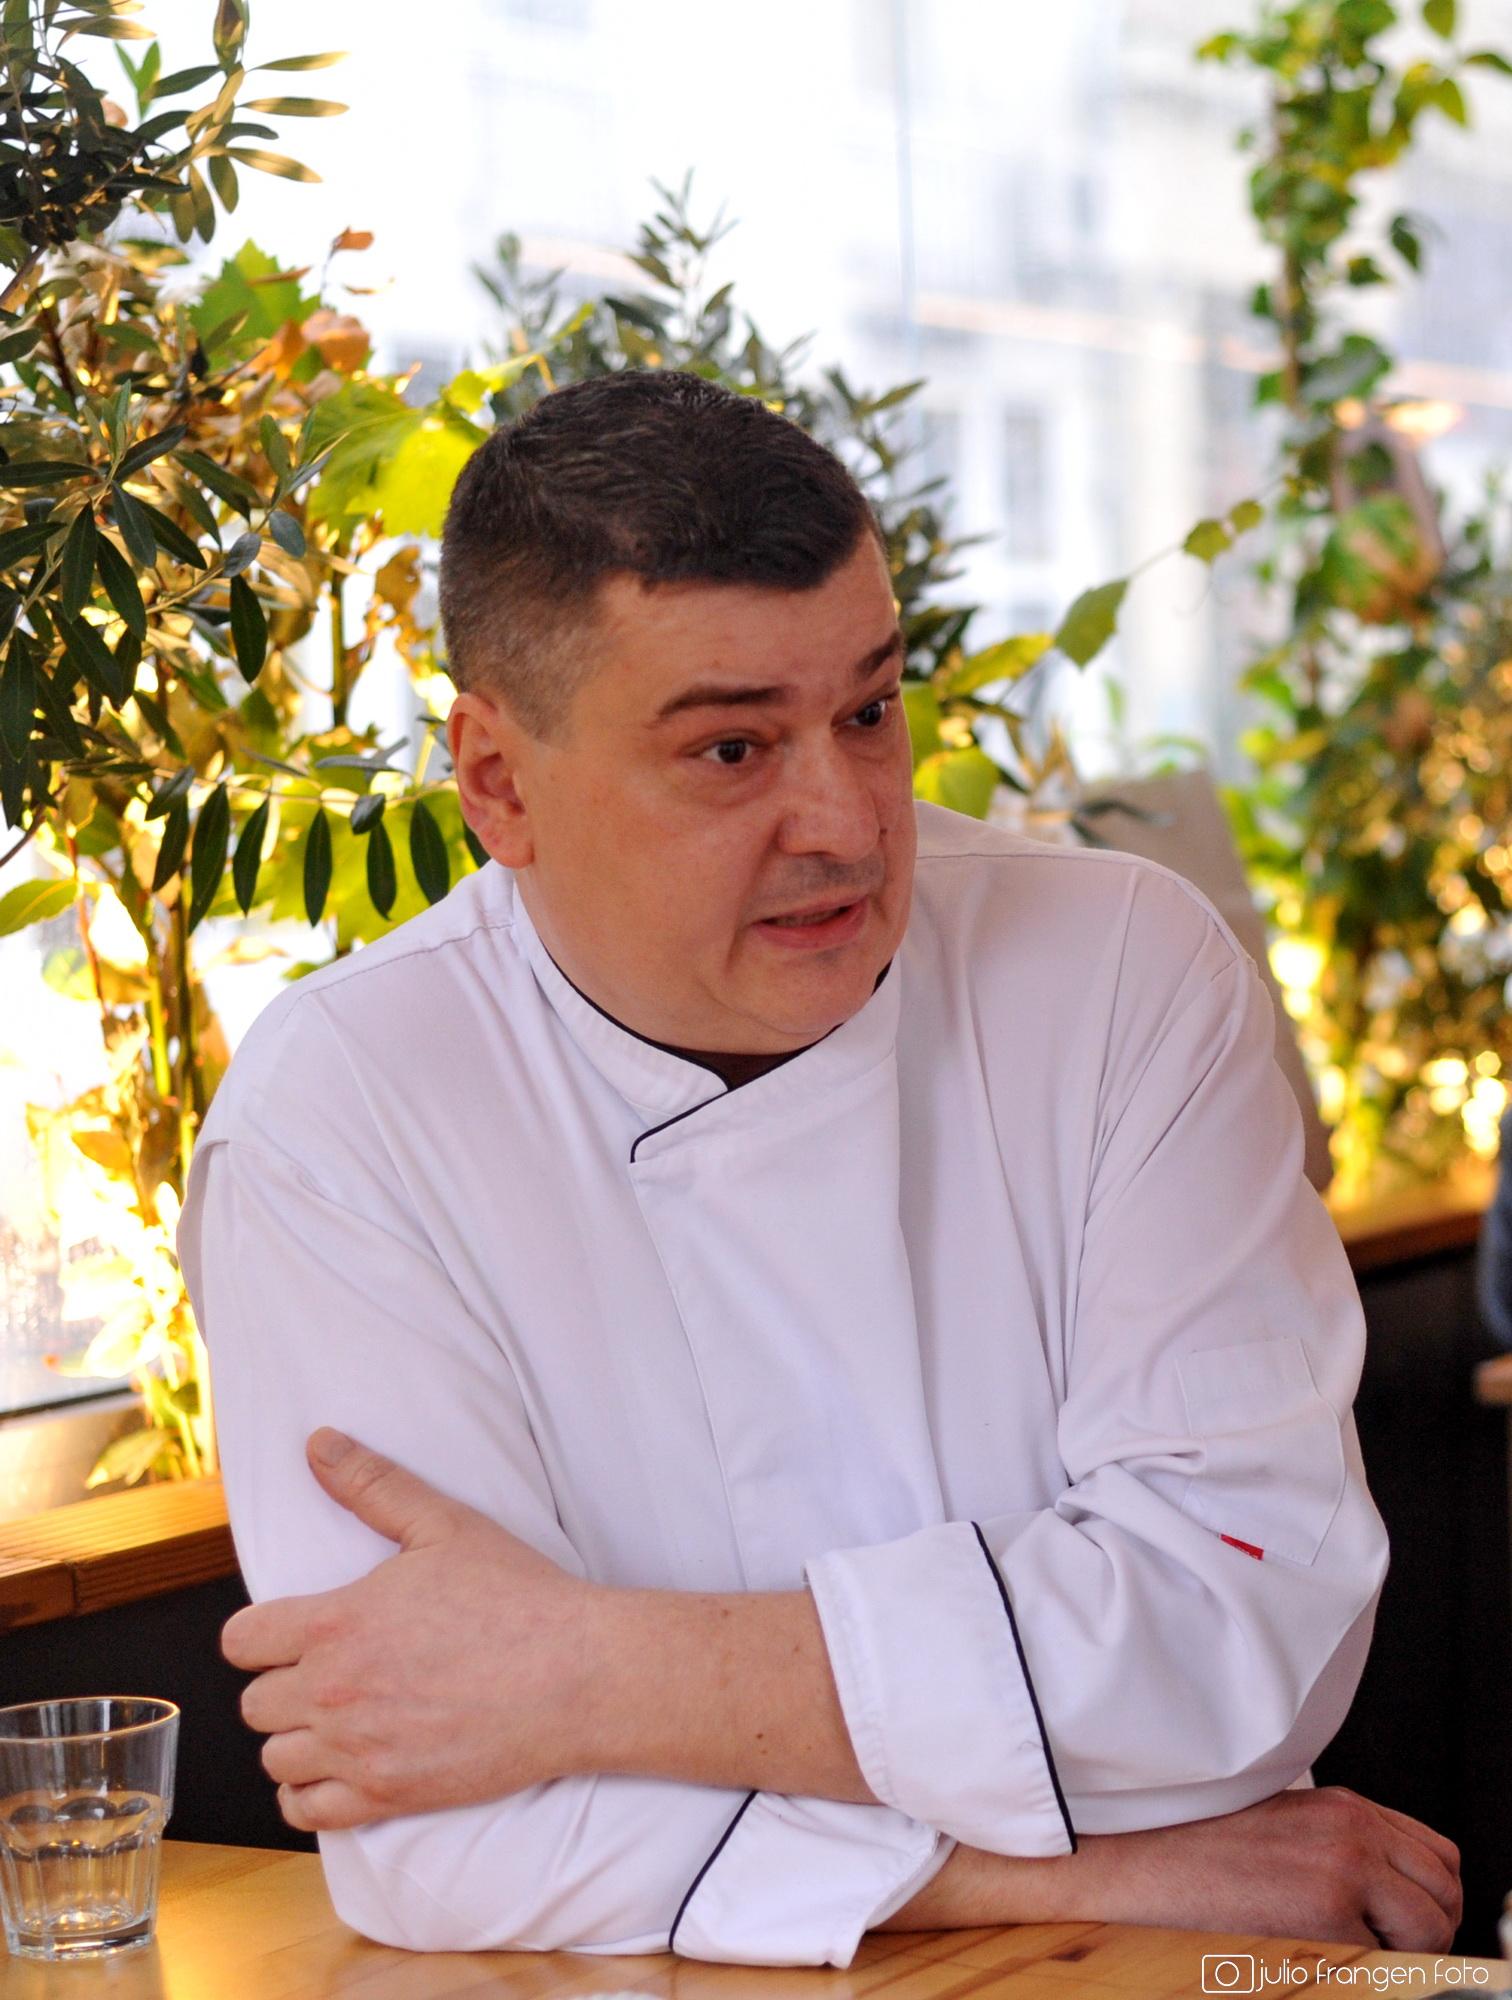 """Tko to kuha u omiljenom zagrebačkom """"street foodu"""" LARI i PENATI"""" ?Dejan Davidović!"""